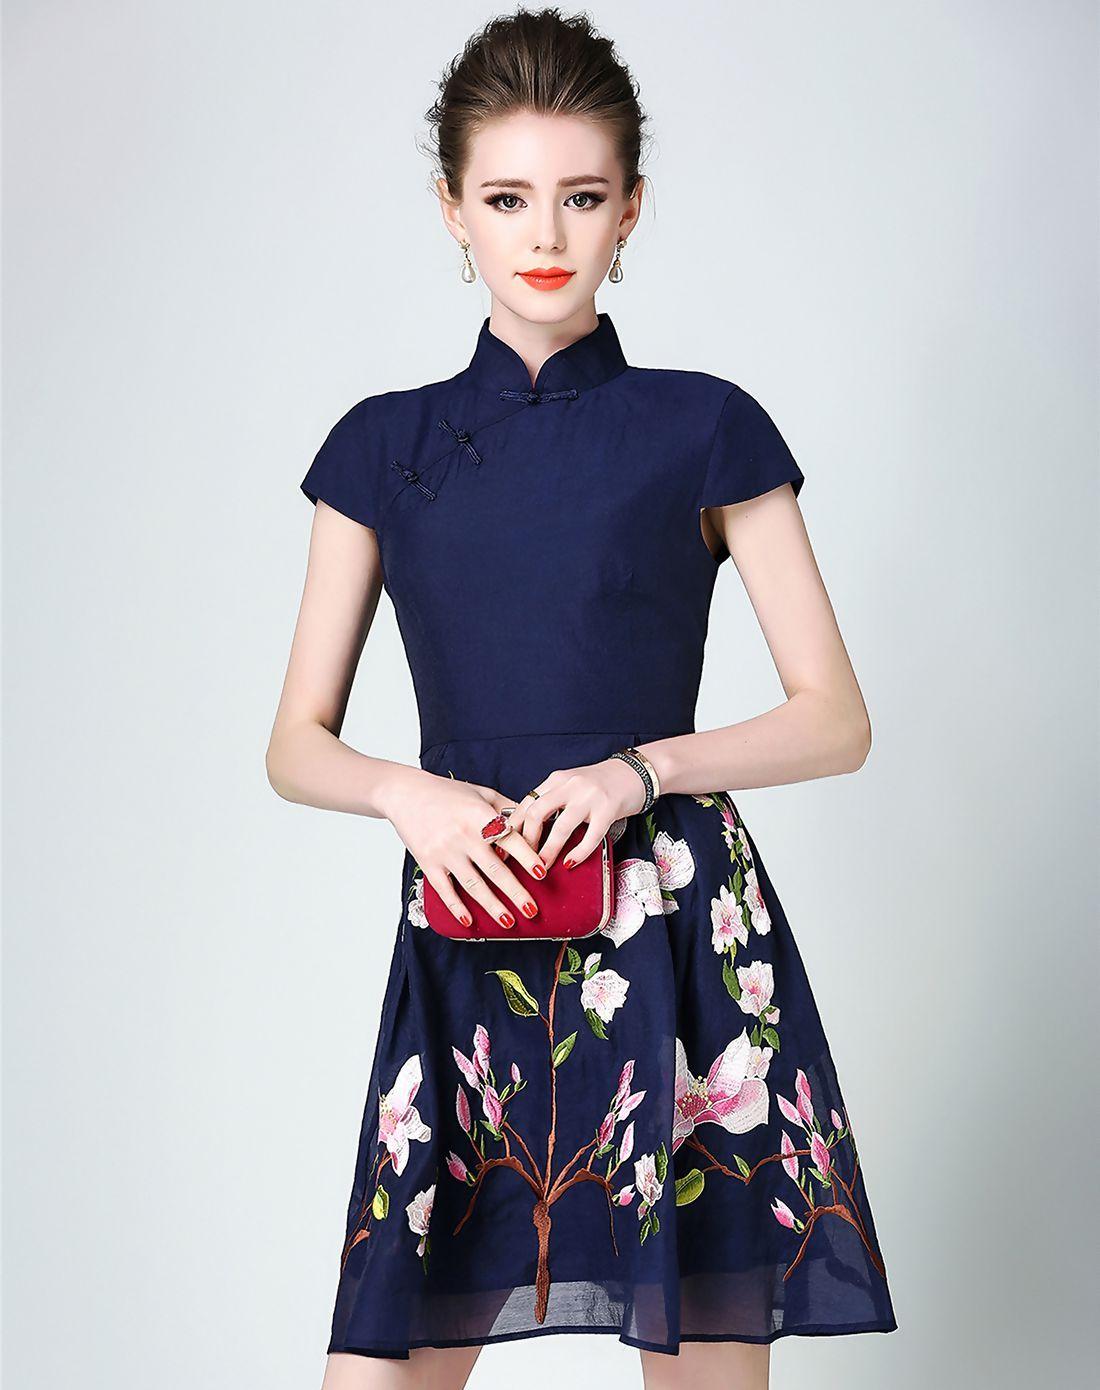 #AdoreWe #VIPme A-Line Dresses❤️Designer DDER Cheongsam Neck Dark Blue Floral Print Skater Dress - AdoreWe.com